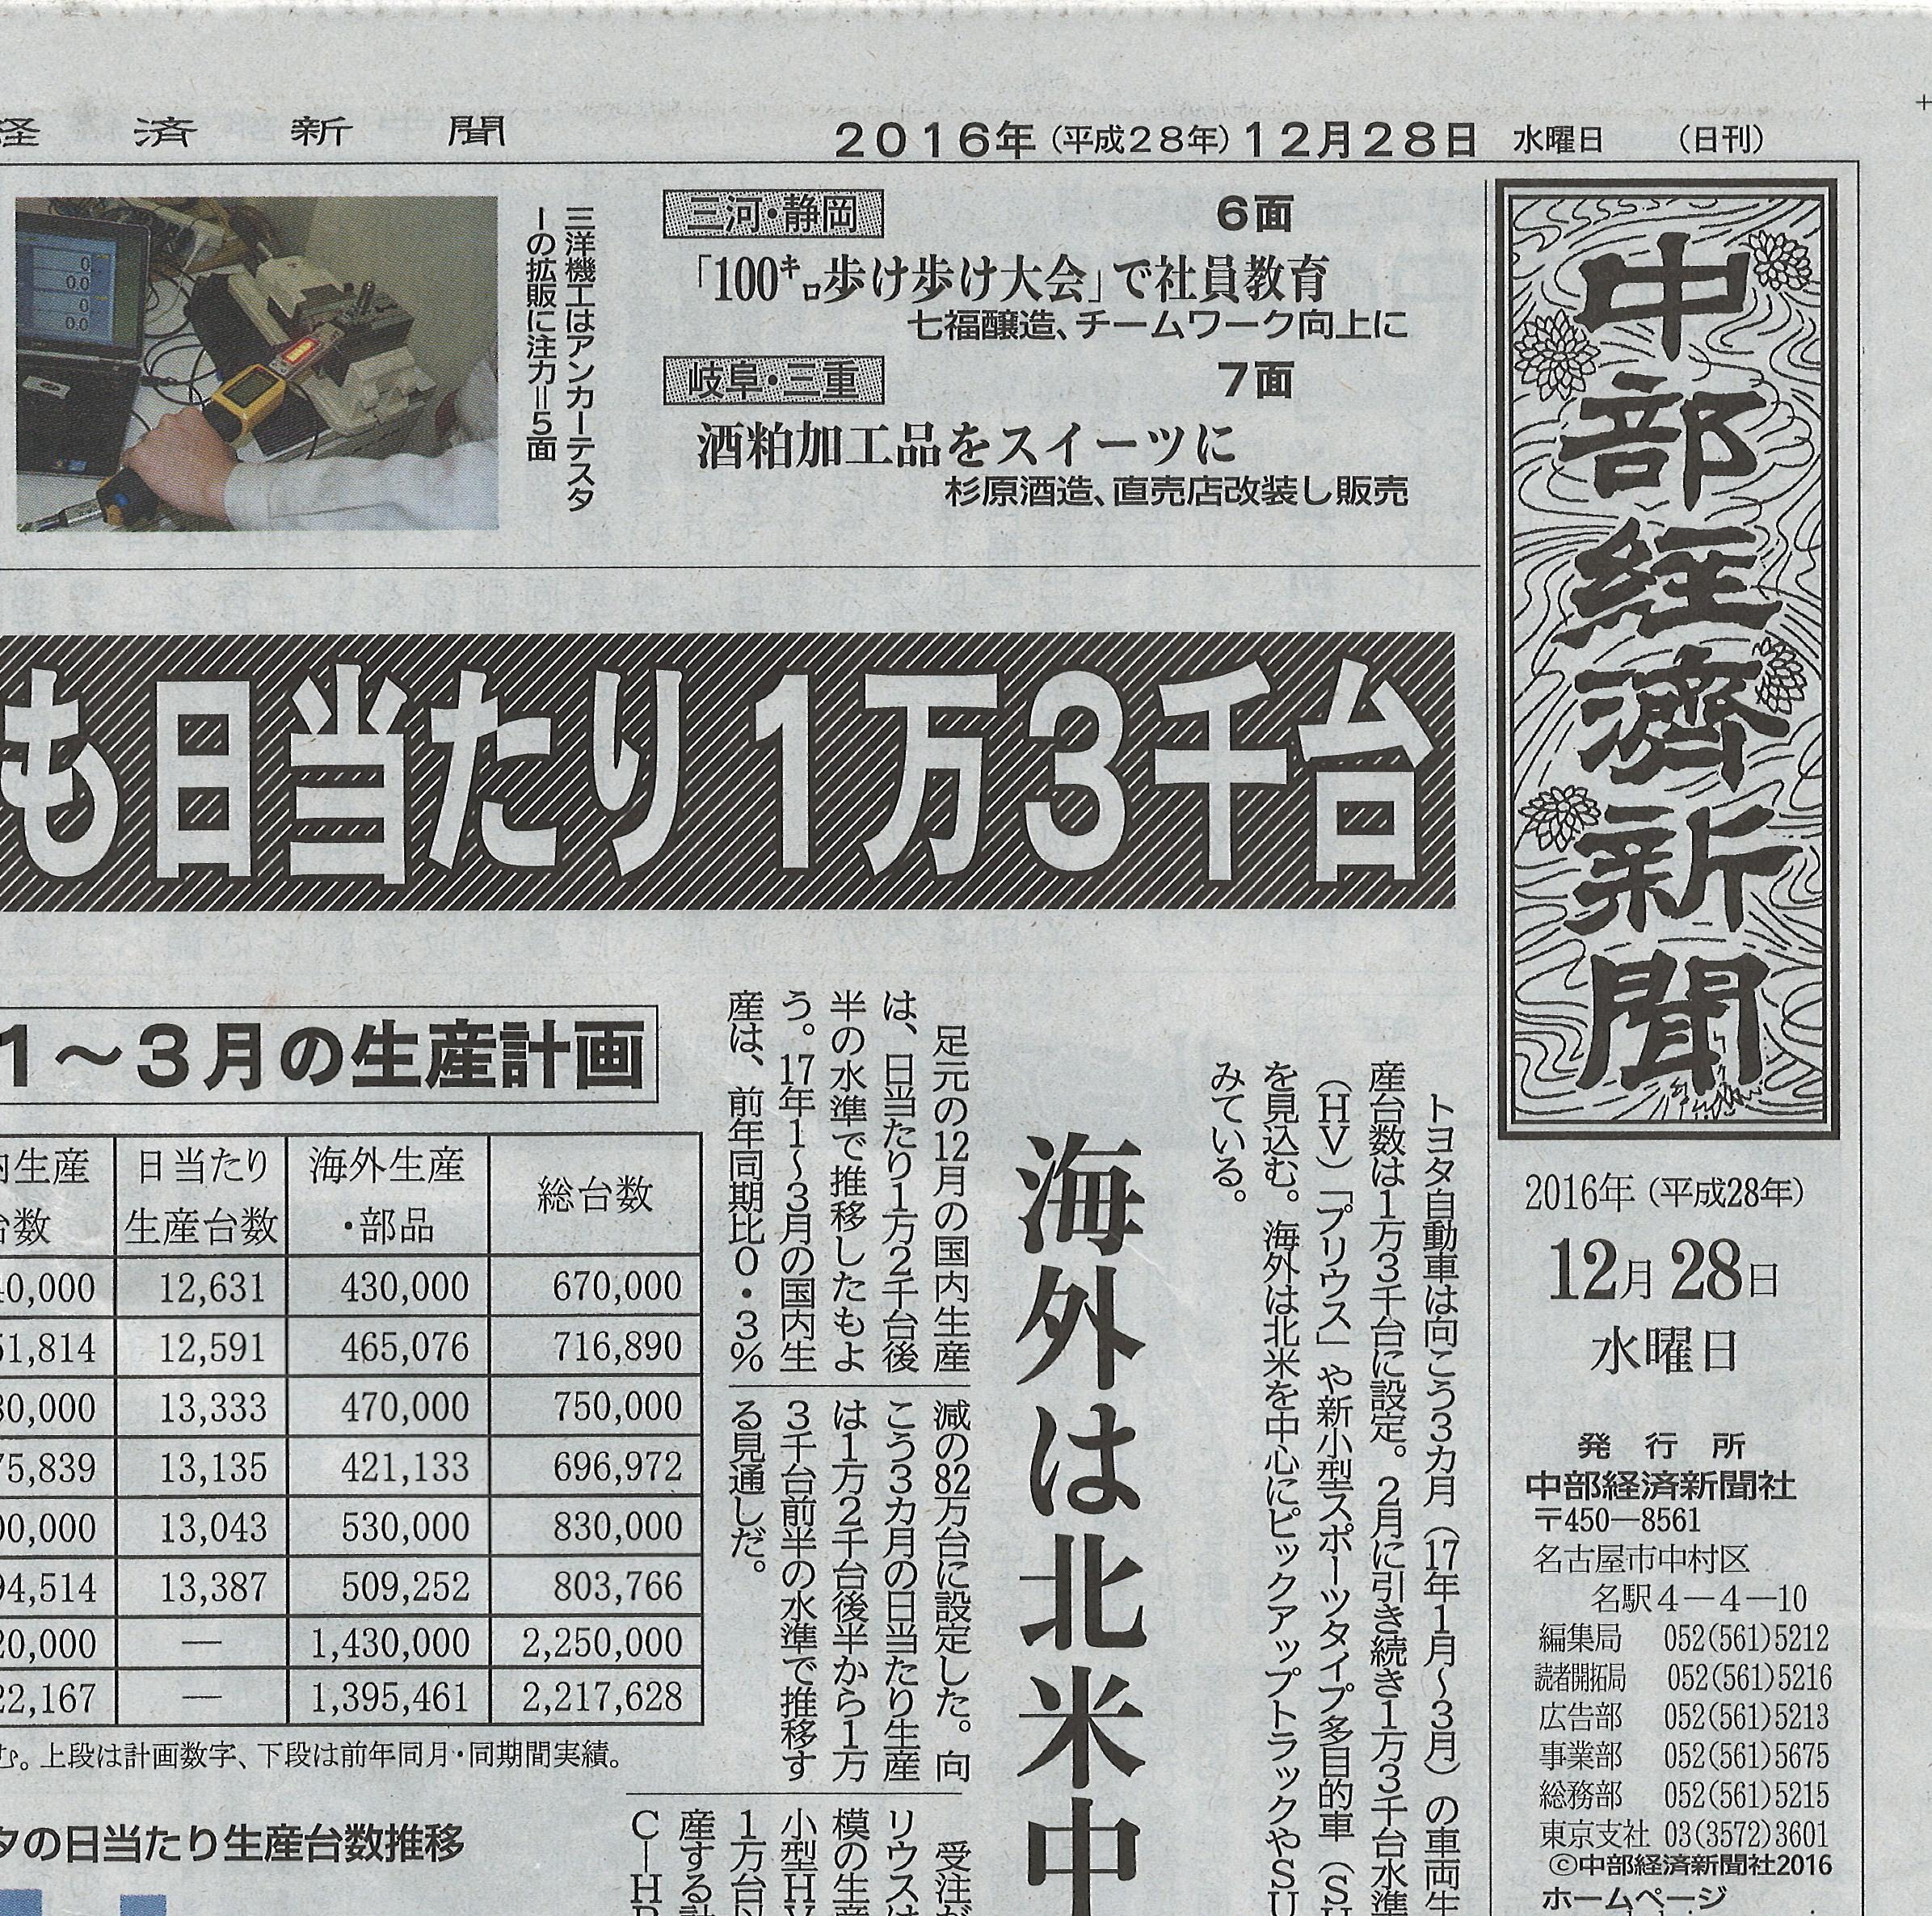 代表理事・瀬川 中部経済新聞にて「つりチケ」を語る